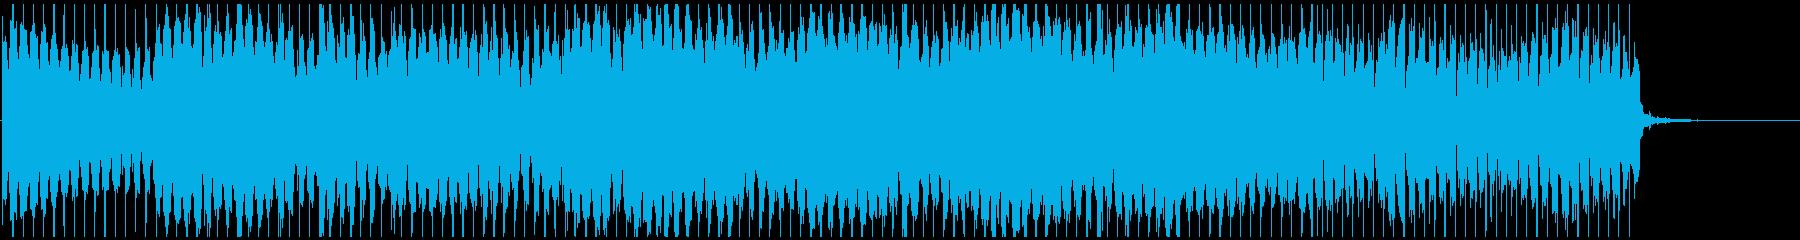 ノリノリな和風テクノ 篠笛生演奏×電子音の再生済みの波形